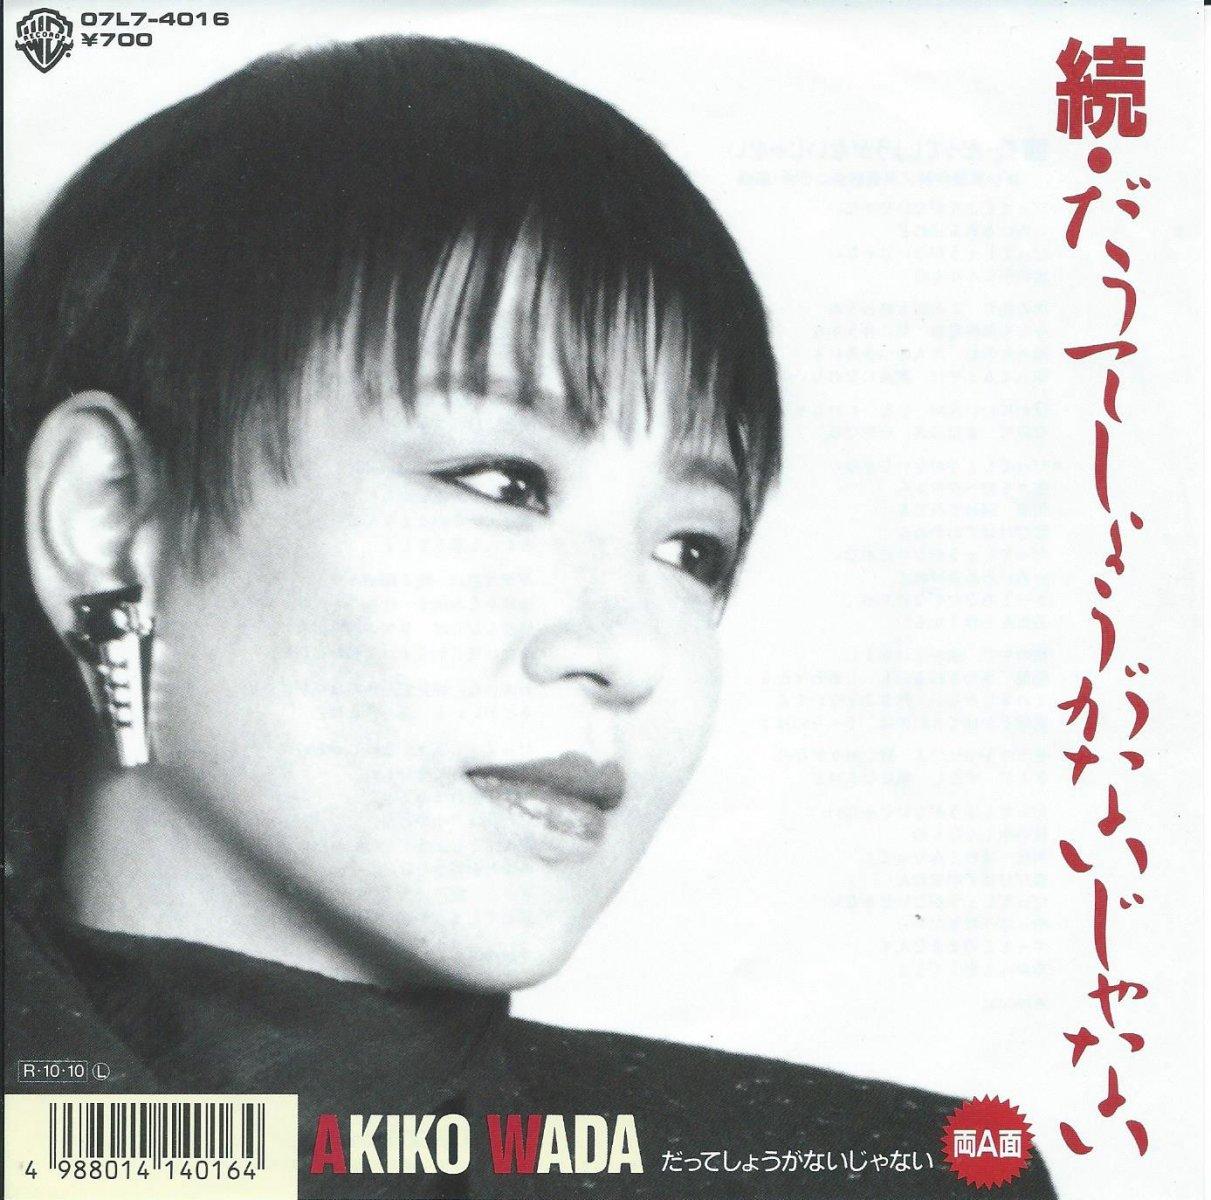 和田アキ子 AKIKO WADA / 続・だってしょうがないじゃない / だってしょうがないじゃない (7